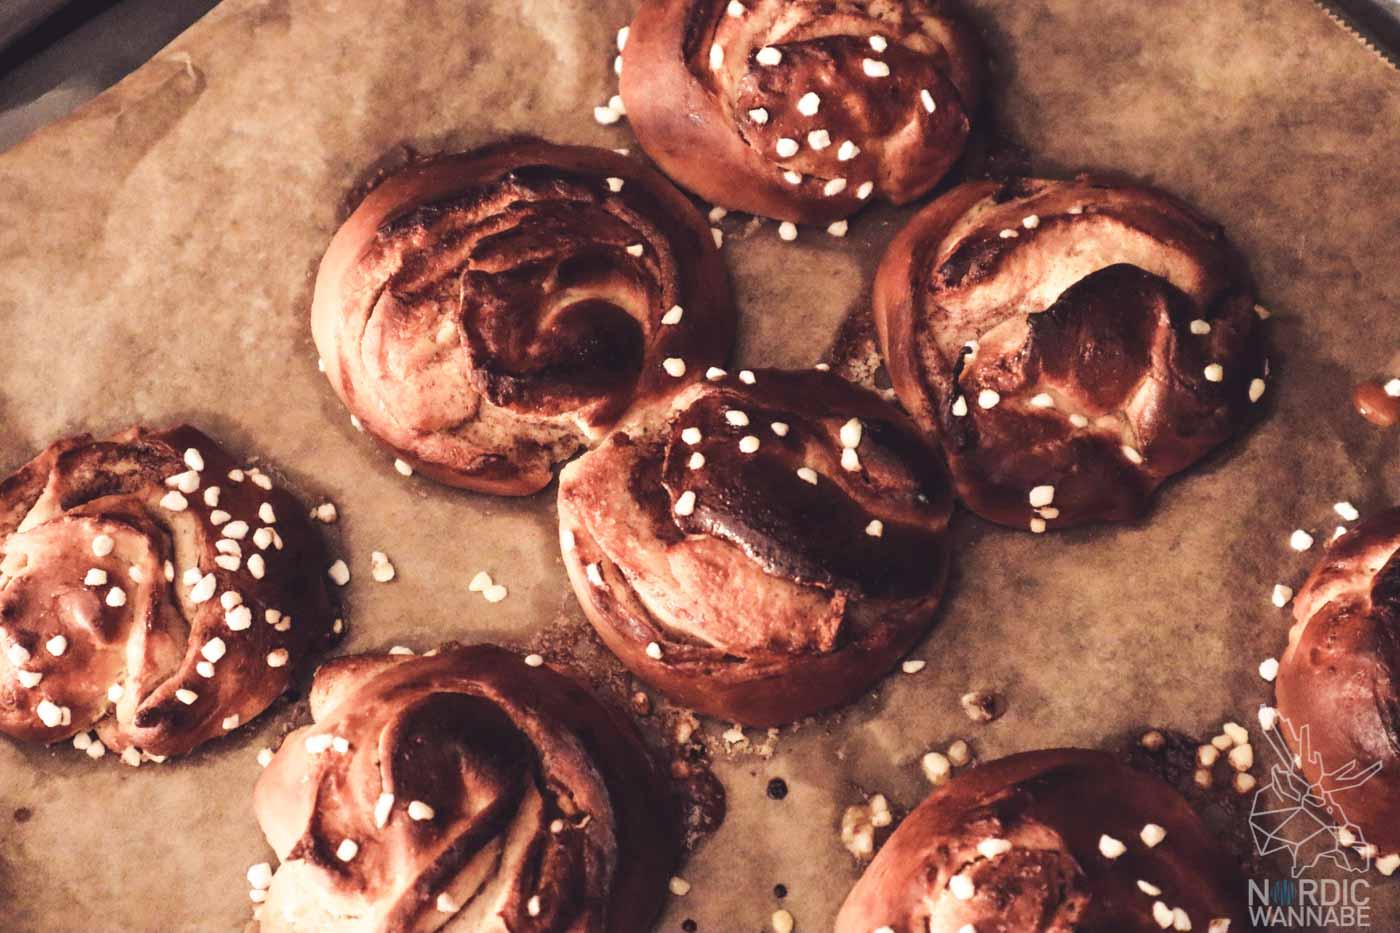 Zimtschnecken, lecker, einfach, Rezept, schwedische Zimtschnecken, Zimtschnecken backen, Zimtschnecken selber machen, Zimtschnecke Trockenhefe, Selbermachen, Schwedisch Zimtschnecken, Klassiker, IKEA, Nordic Foodporn